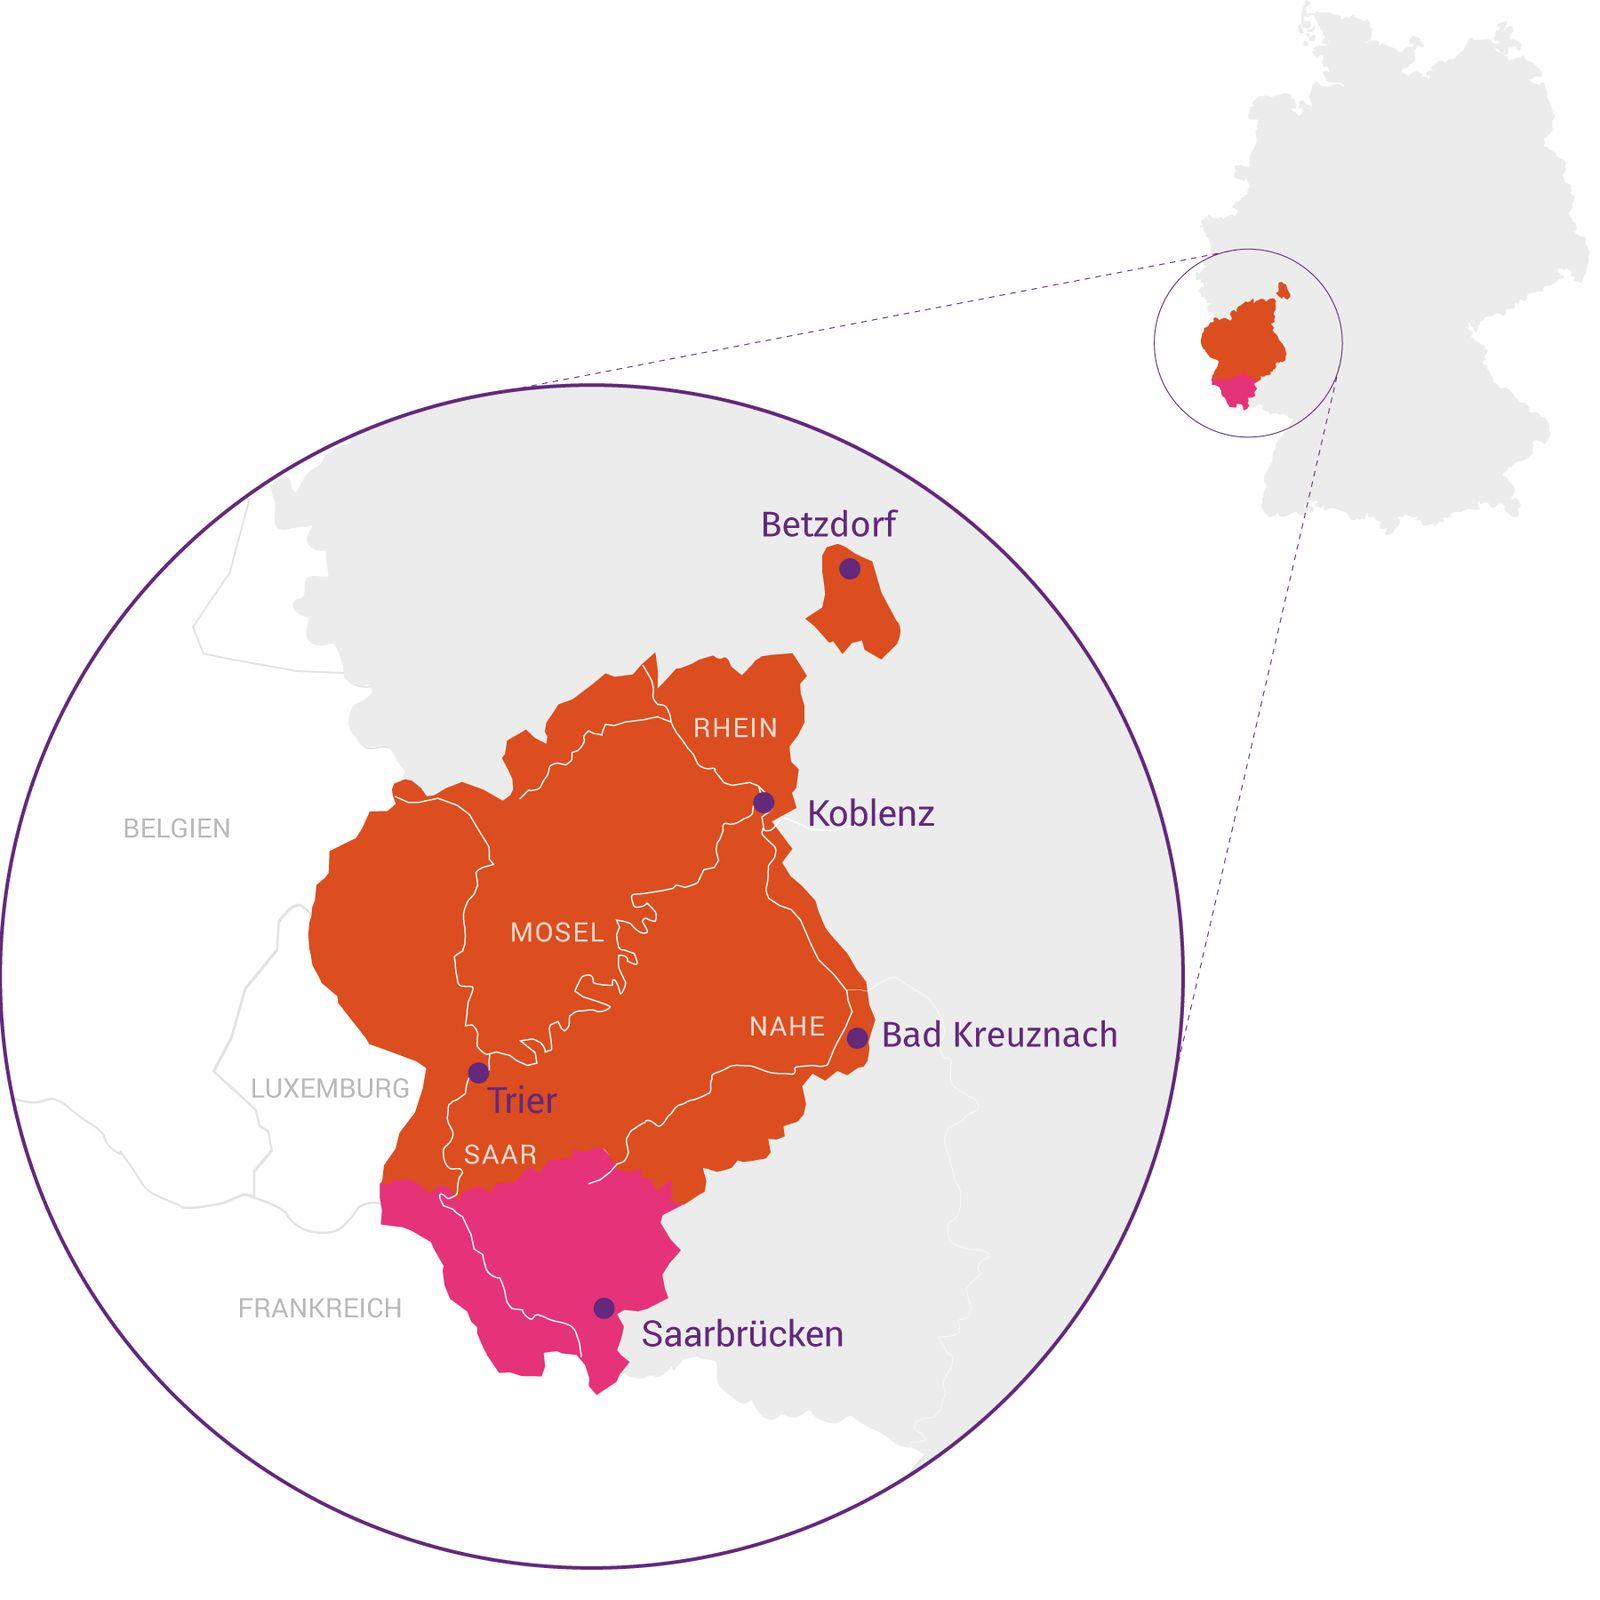 Eine Landkarte zeigt die Ausmaße des Bistums Trier